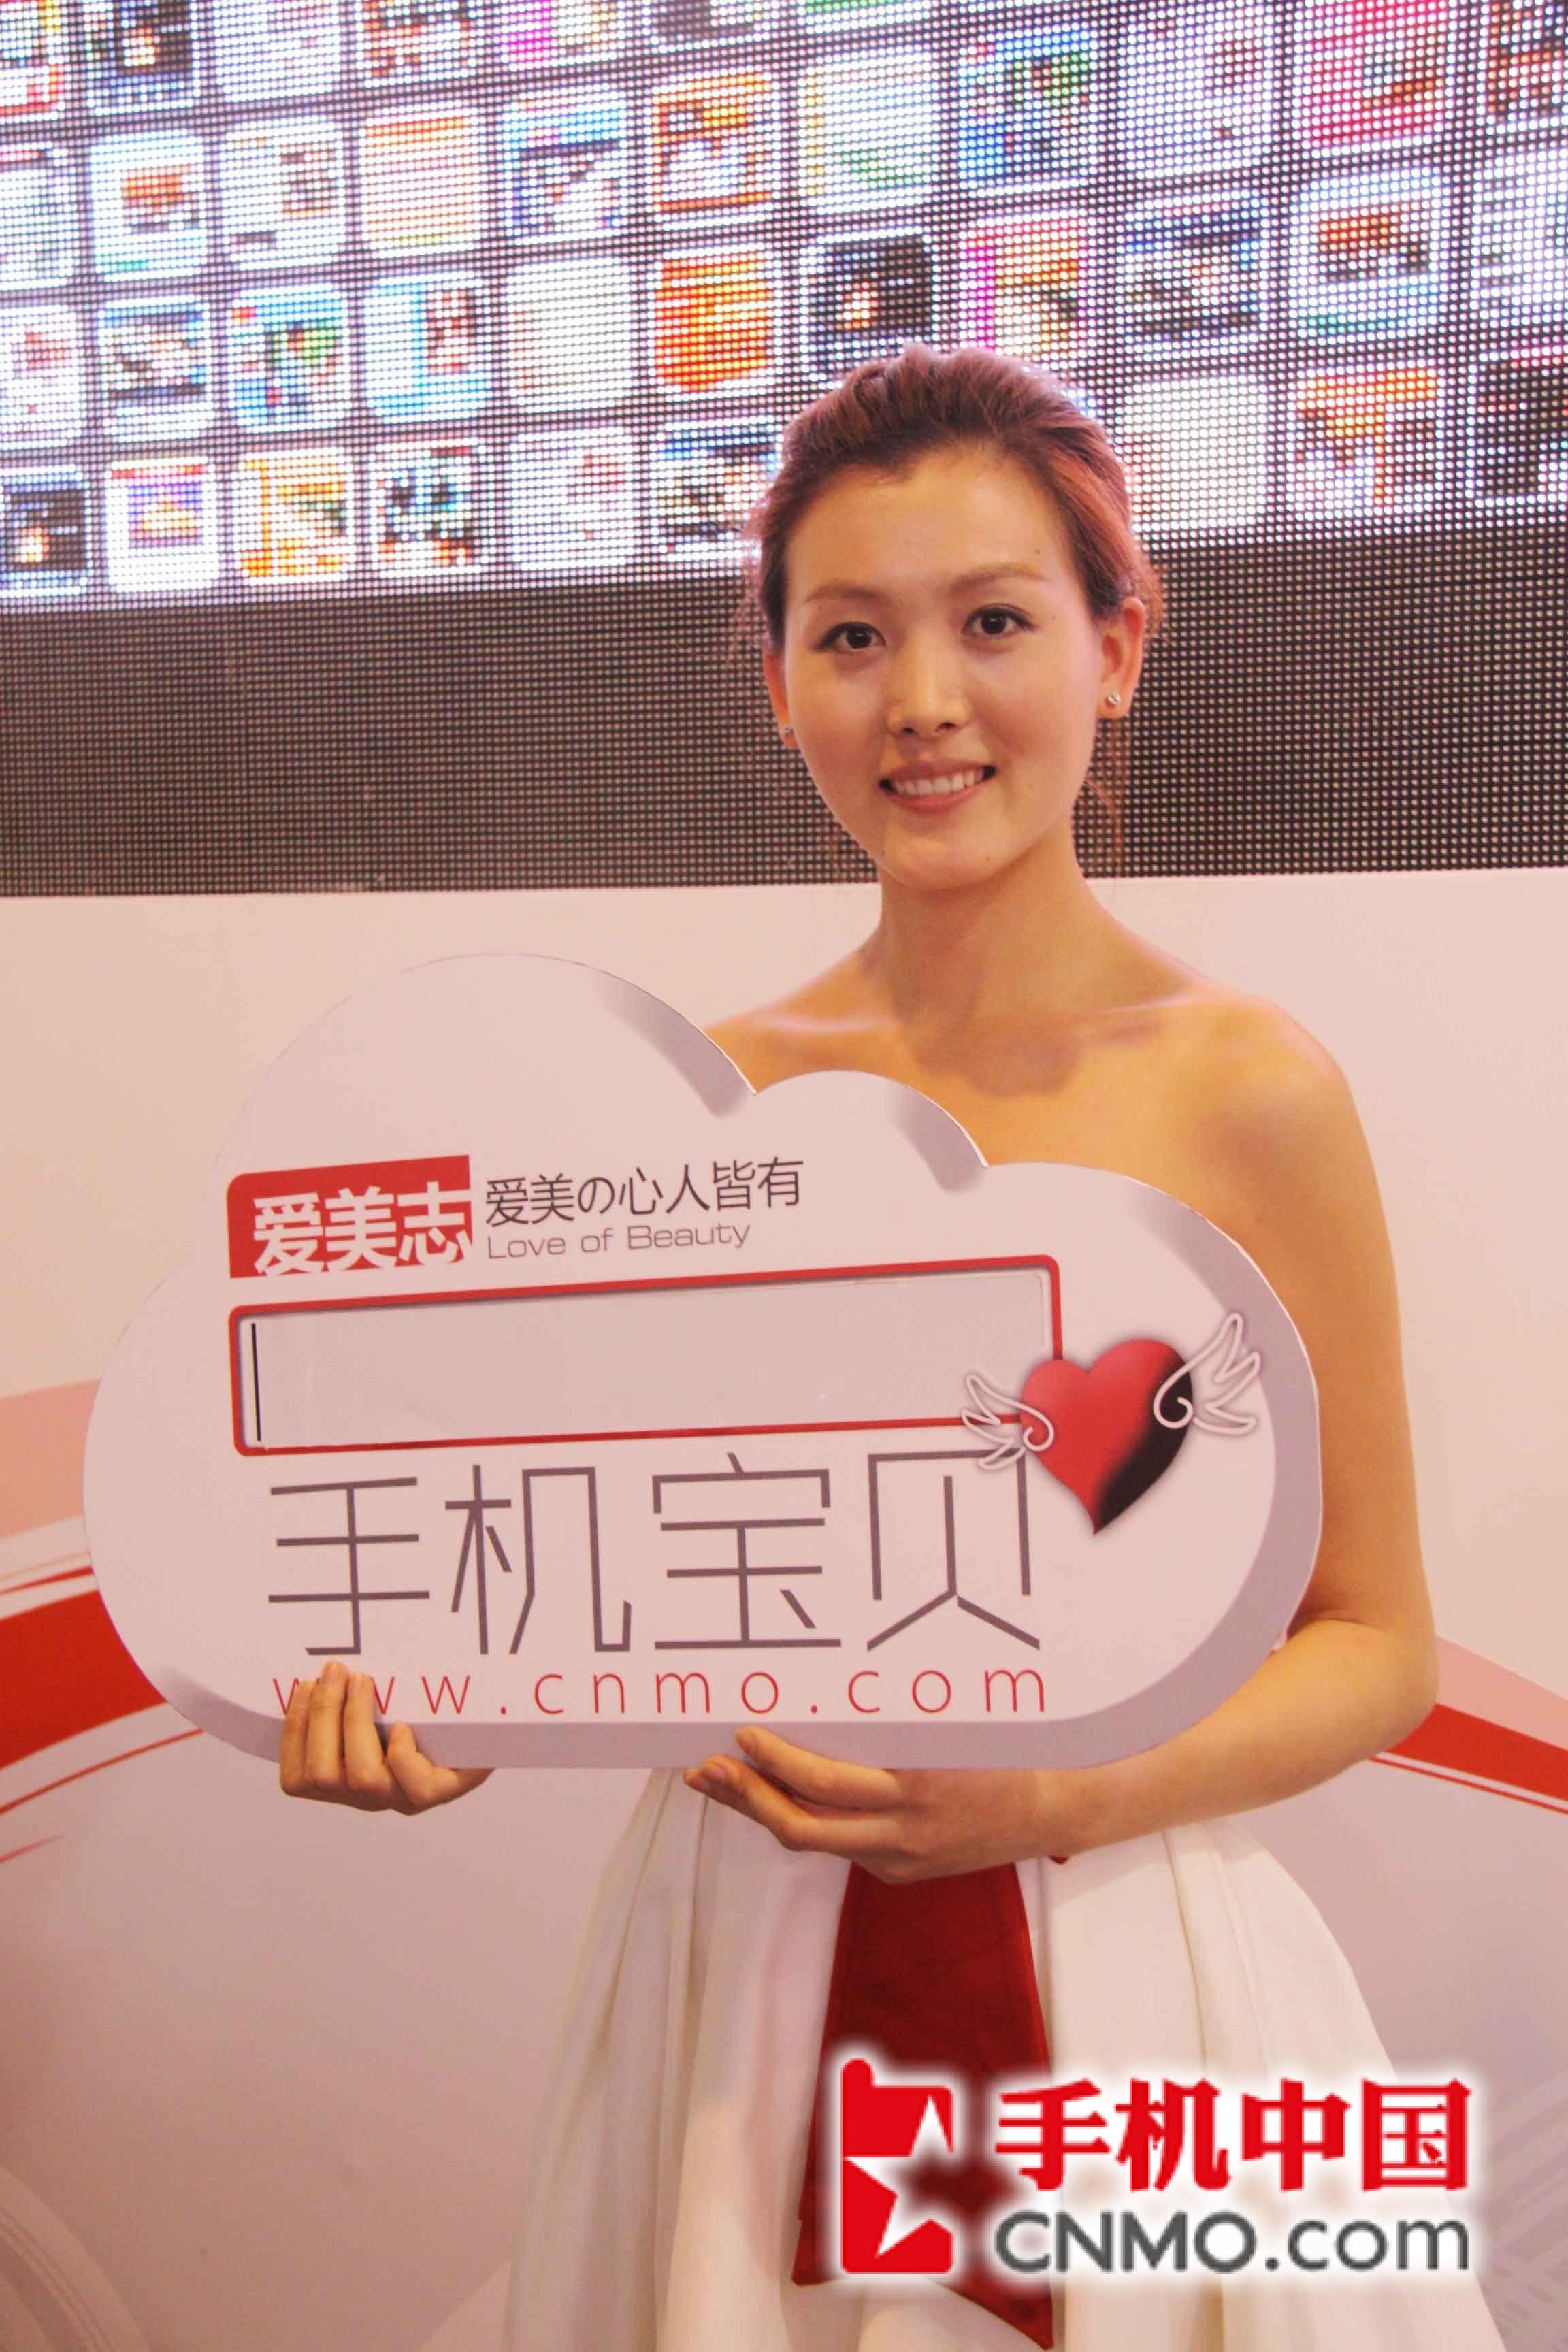 2011通信展:可爱前台美女手机宝贝秀